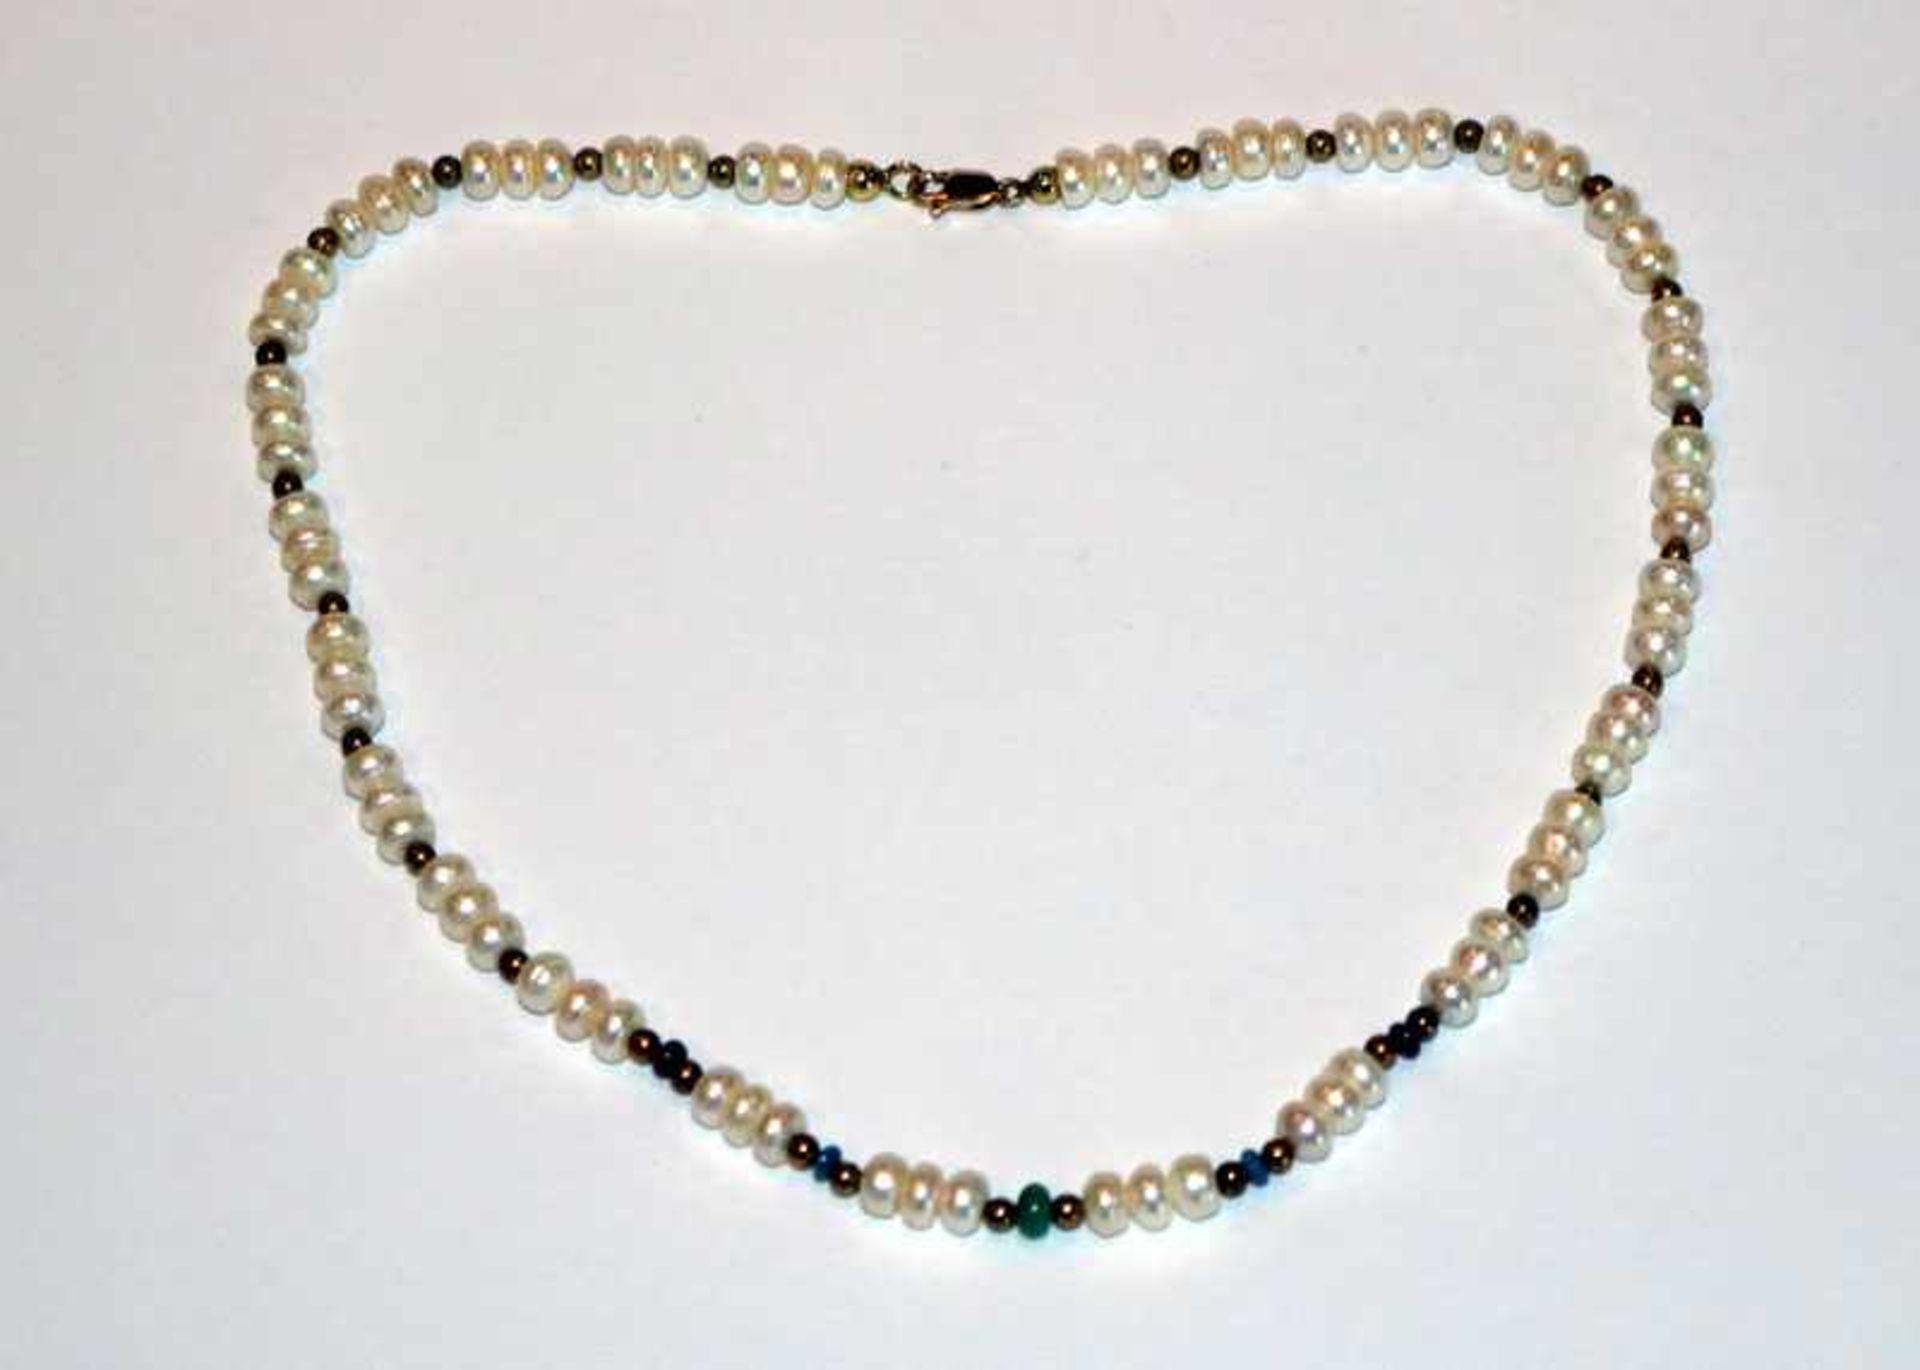 Süßwasser Perlenkette mit 14 k Gelbgold-Schließe und Farbsteinkugeln, L 40 cm